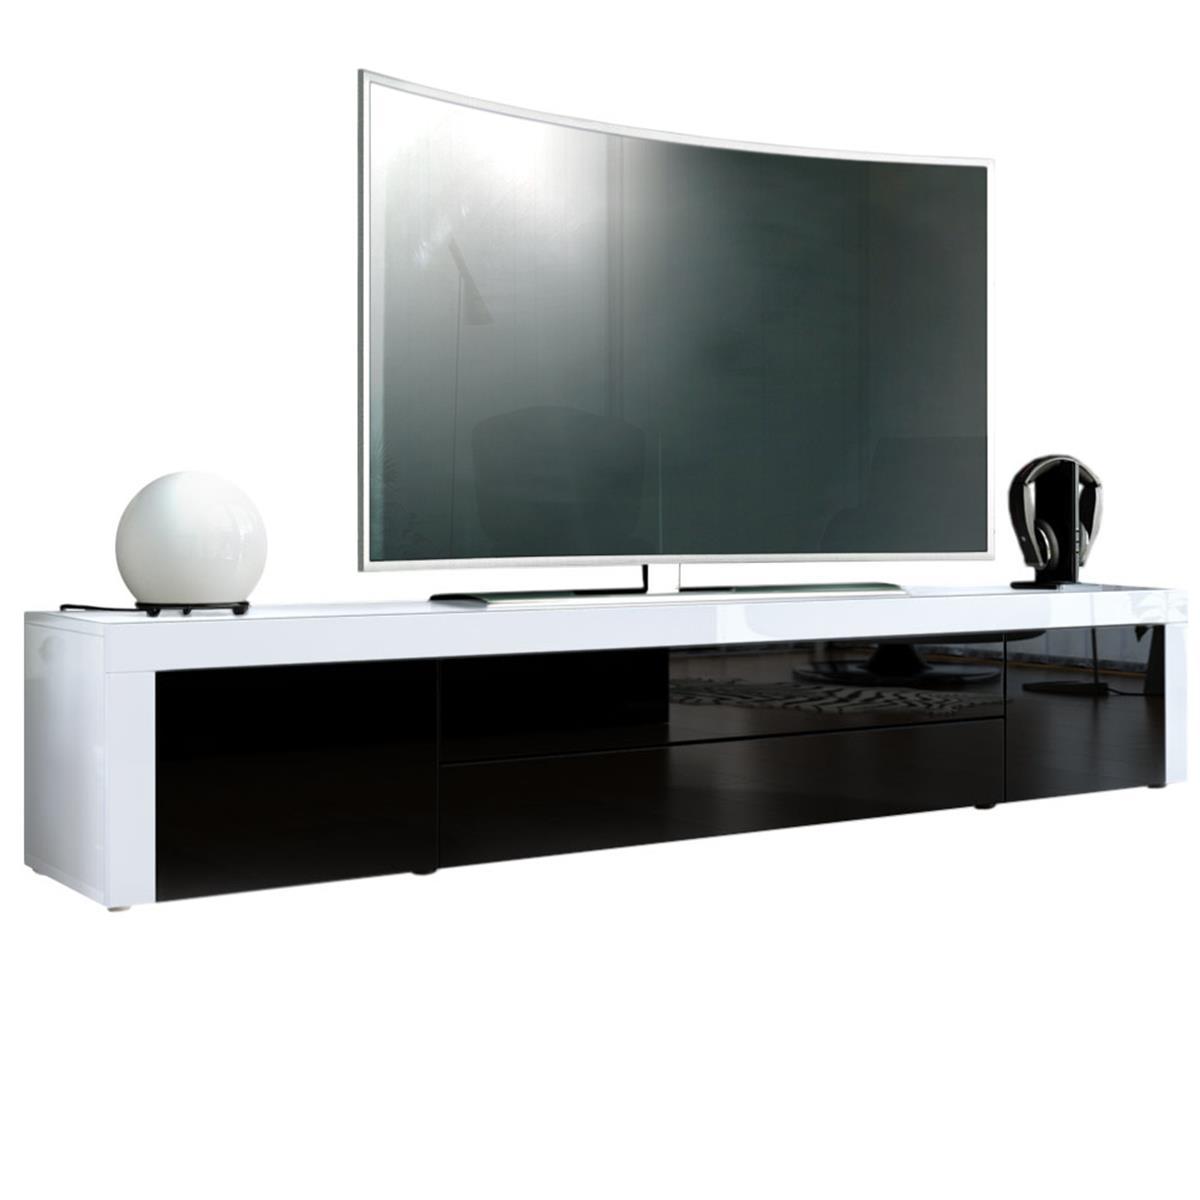 Tv lowboard schwarz matt  TV Unterschrank La Paz: Lowboard mit Hochglanz-Absetzung